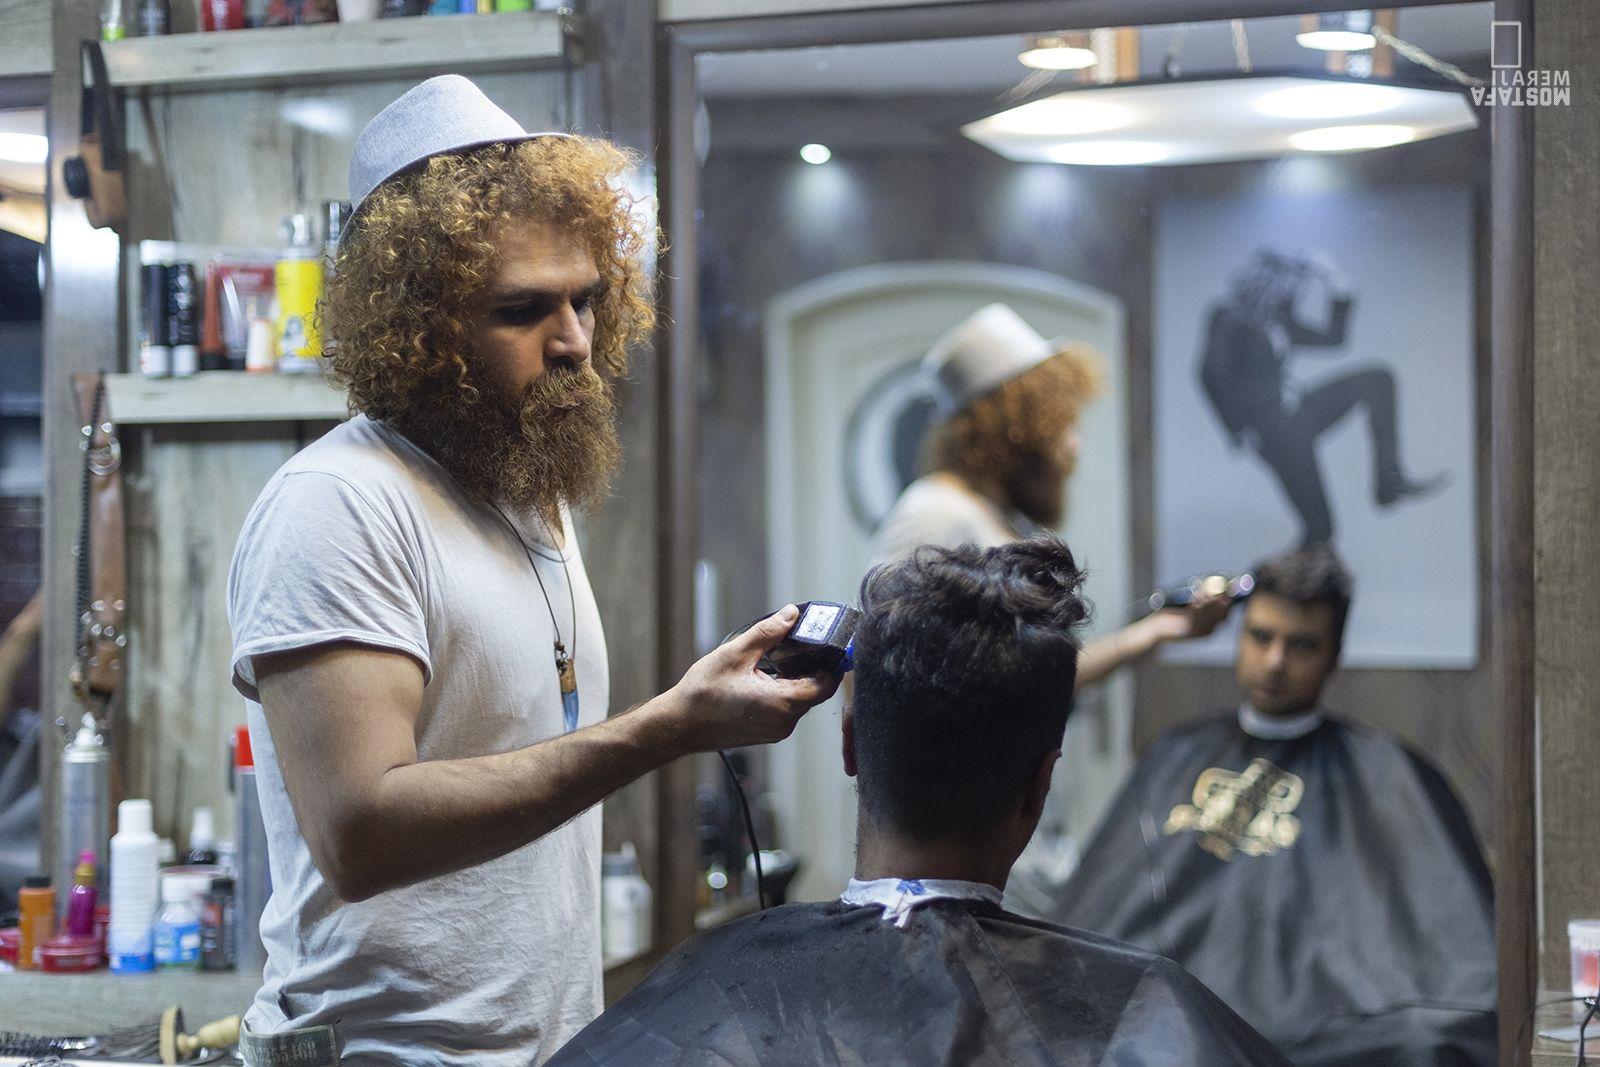 jorj barber shop, International Makeup ARTIST (Mashhad